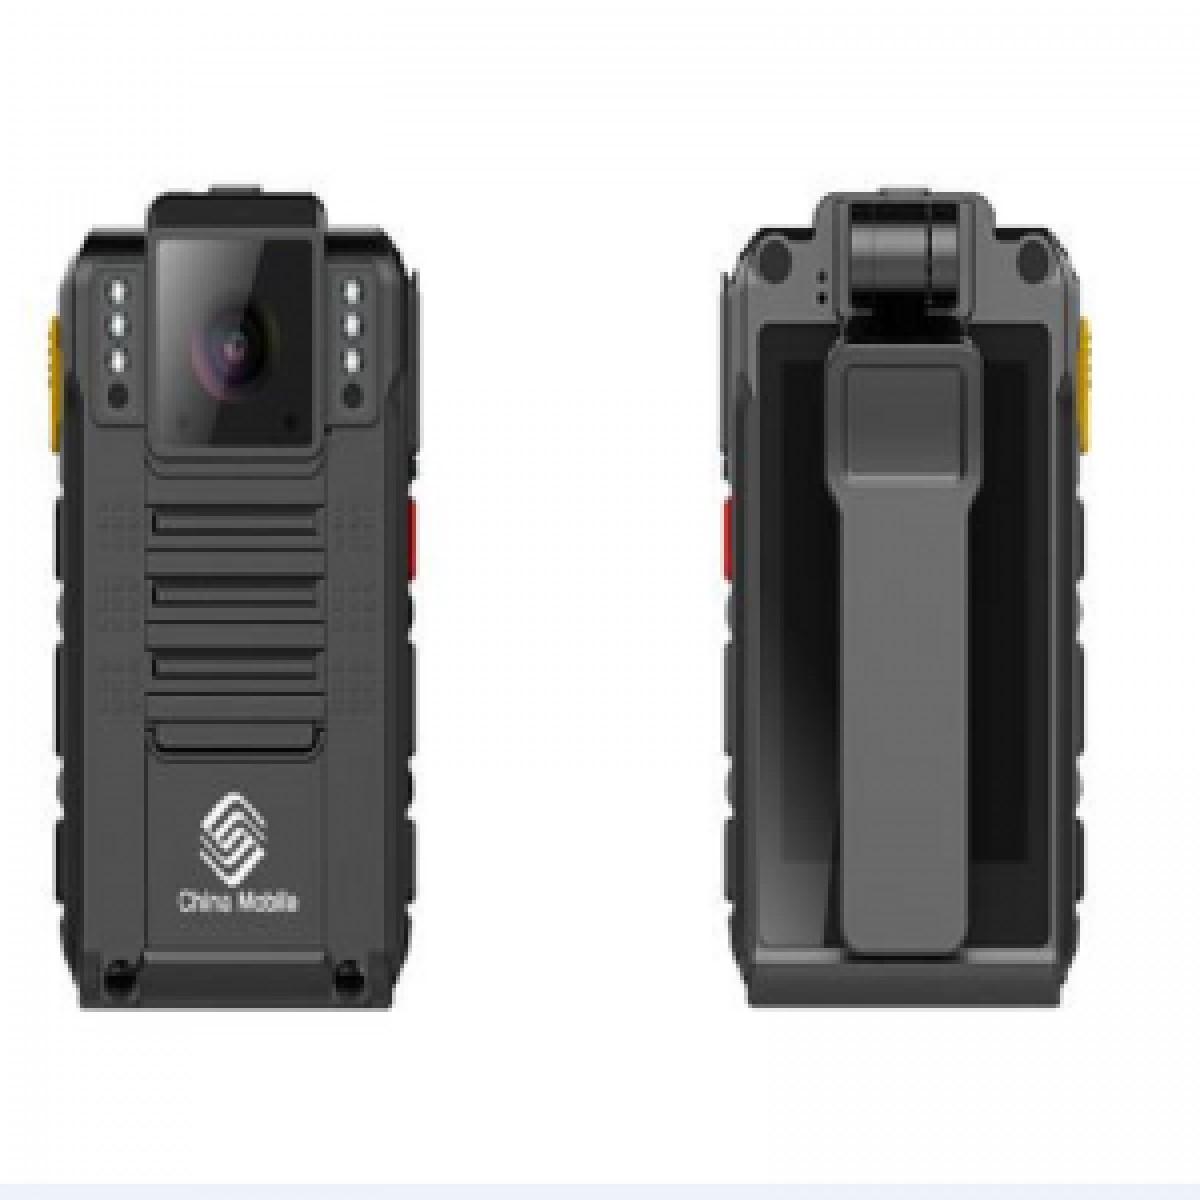 中移物联网 4G执法记录仪 DSJ-YDSZWA1 支持720P1080P双码流高清录像支持GPS和北斗定位1600万像素摄像头